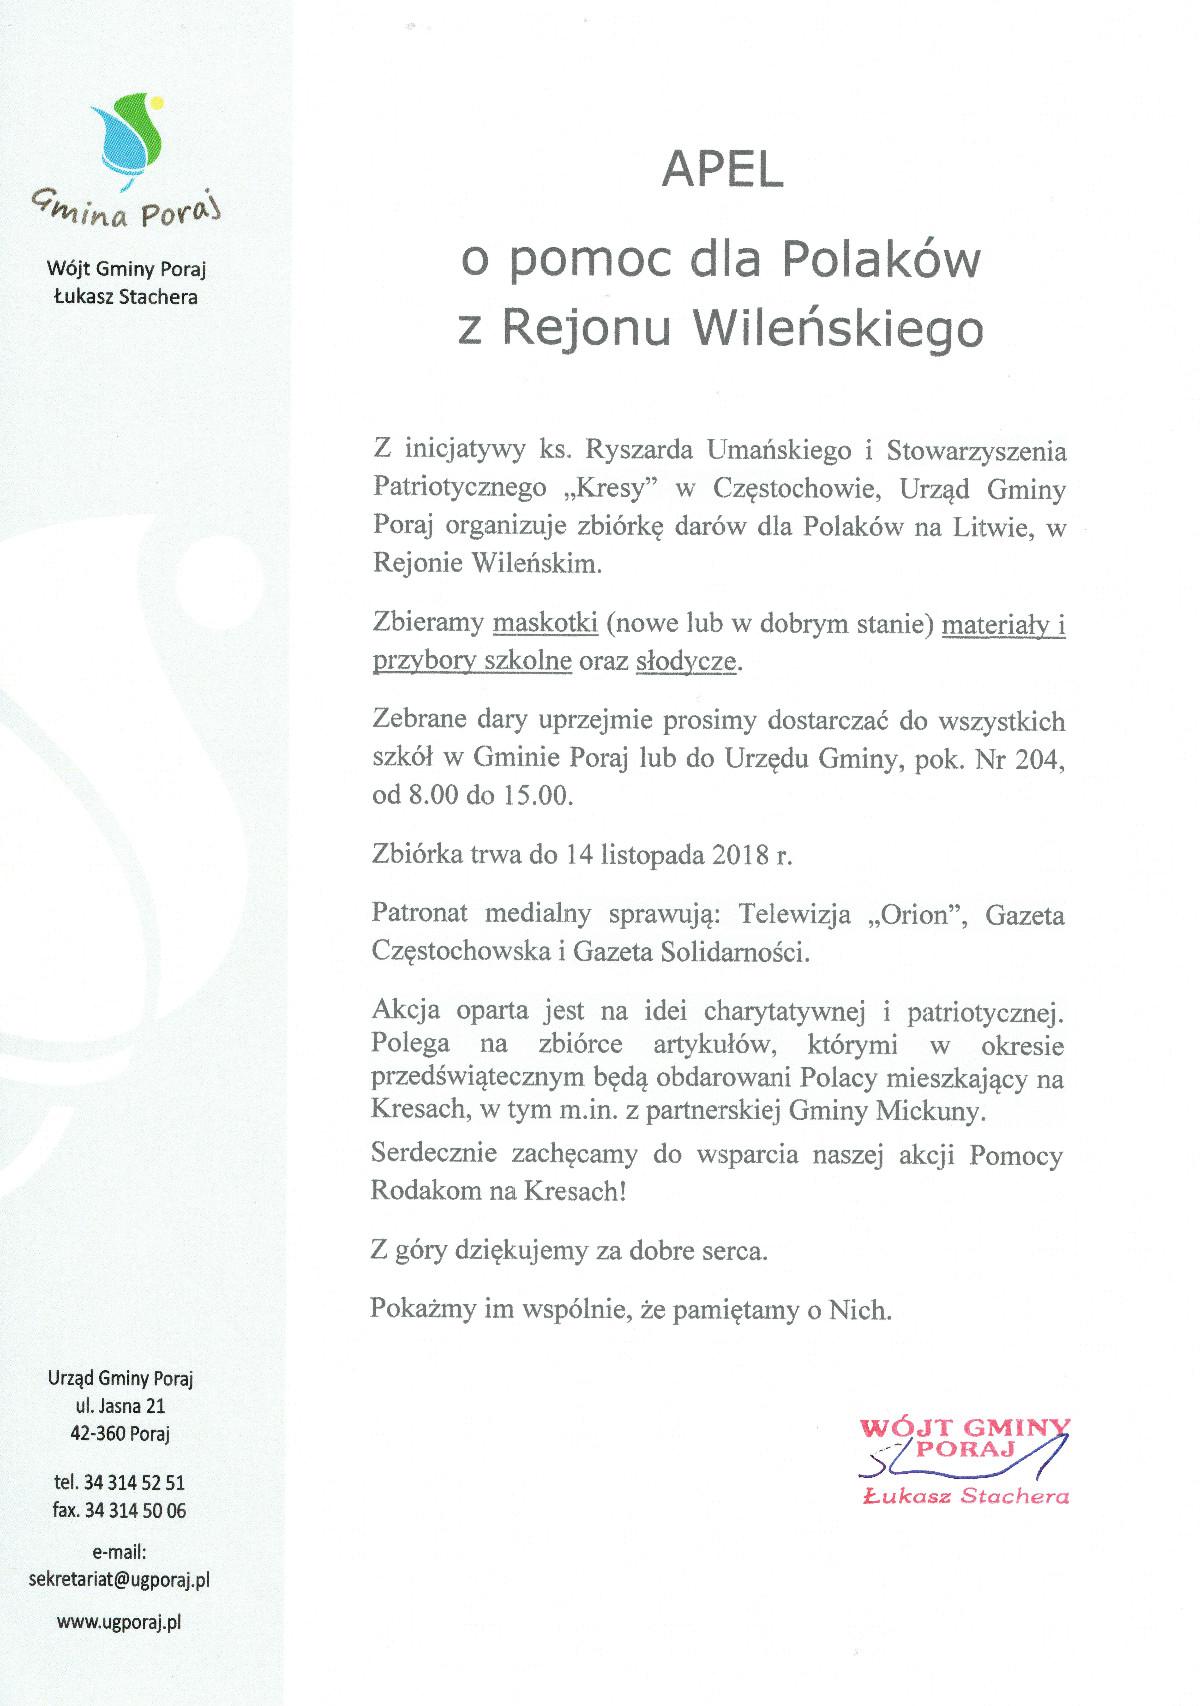 Apel o pomoc dla Polaków z Rejonu Wileńskiego